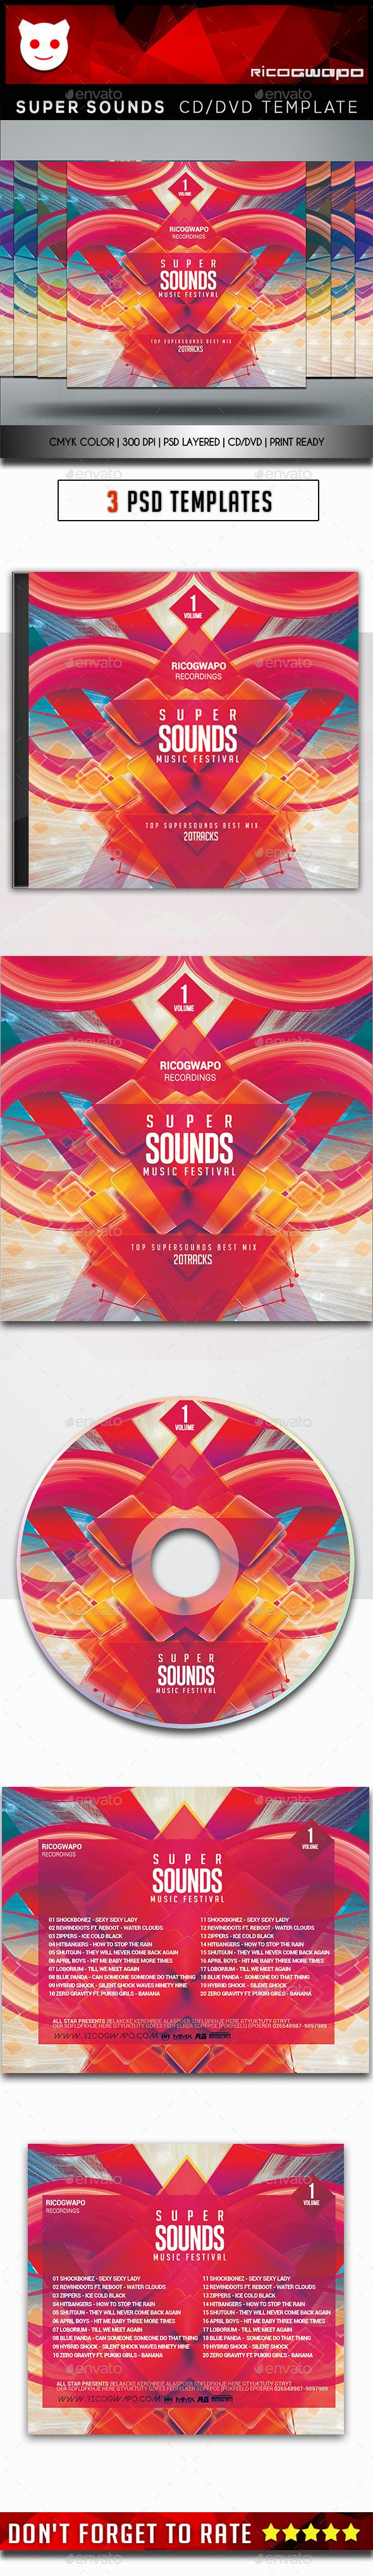 Super Sounds Cd/DVD Template - CD & DVD Artwork Print Templates